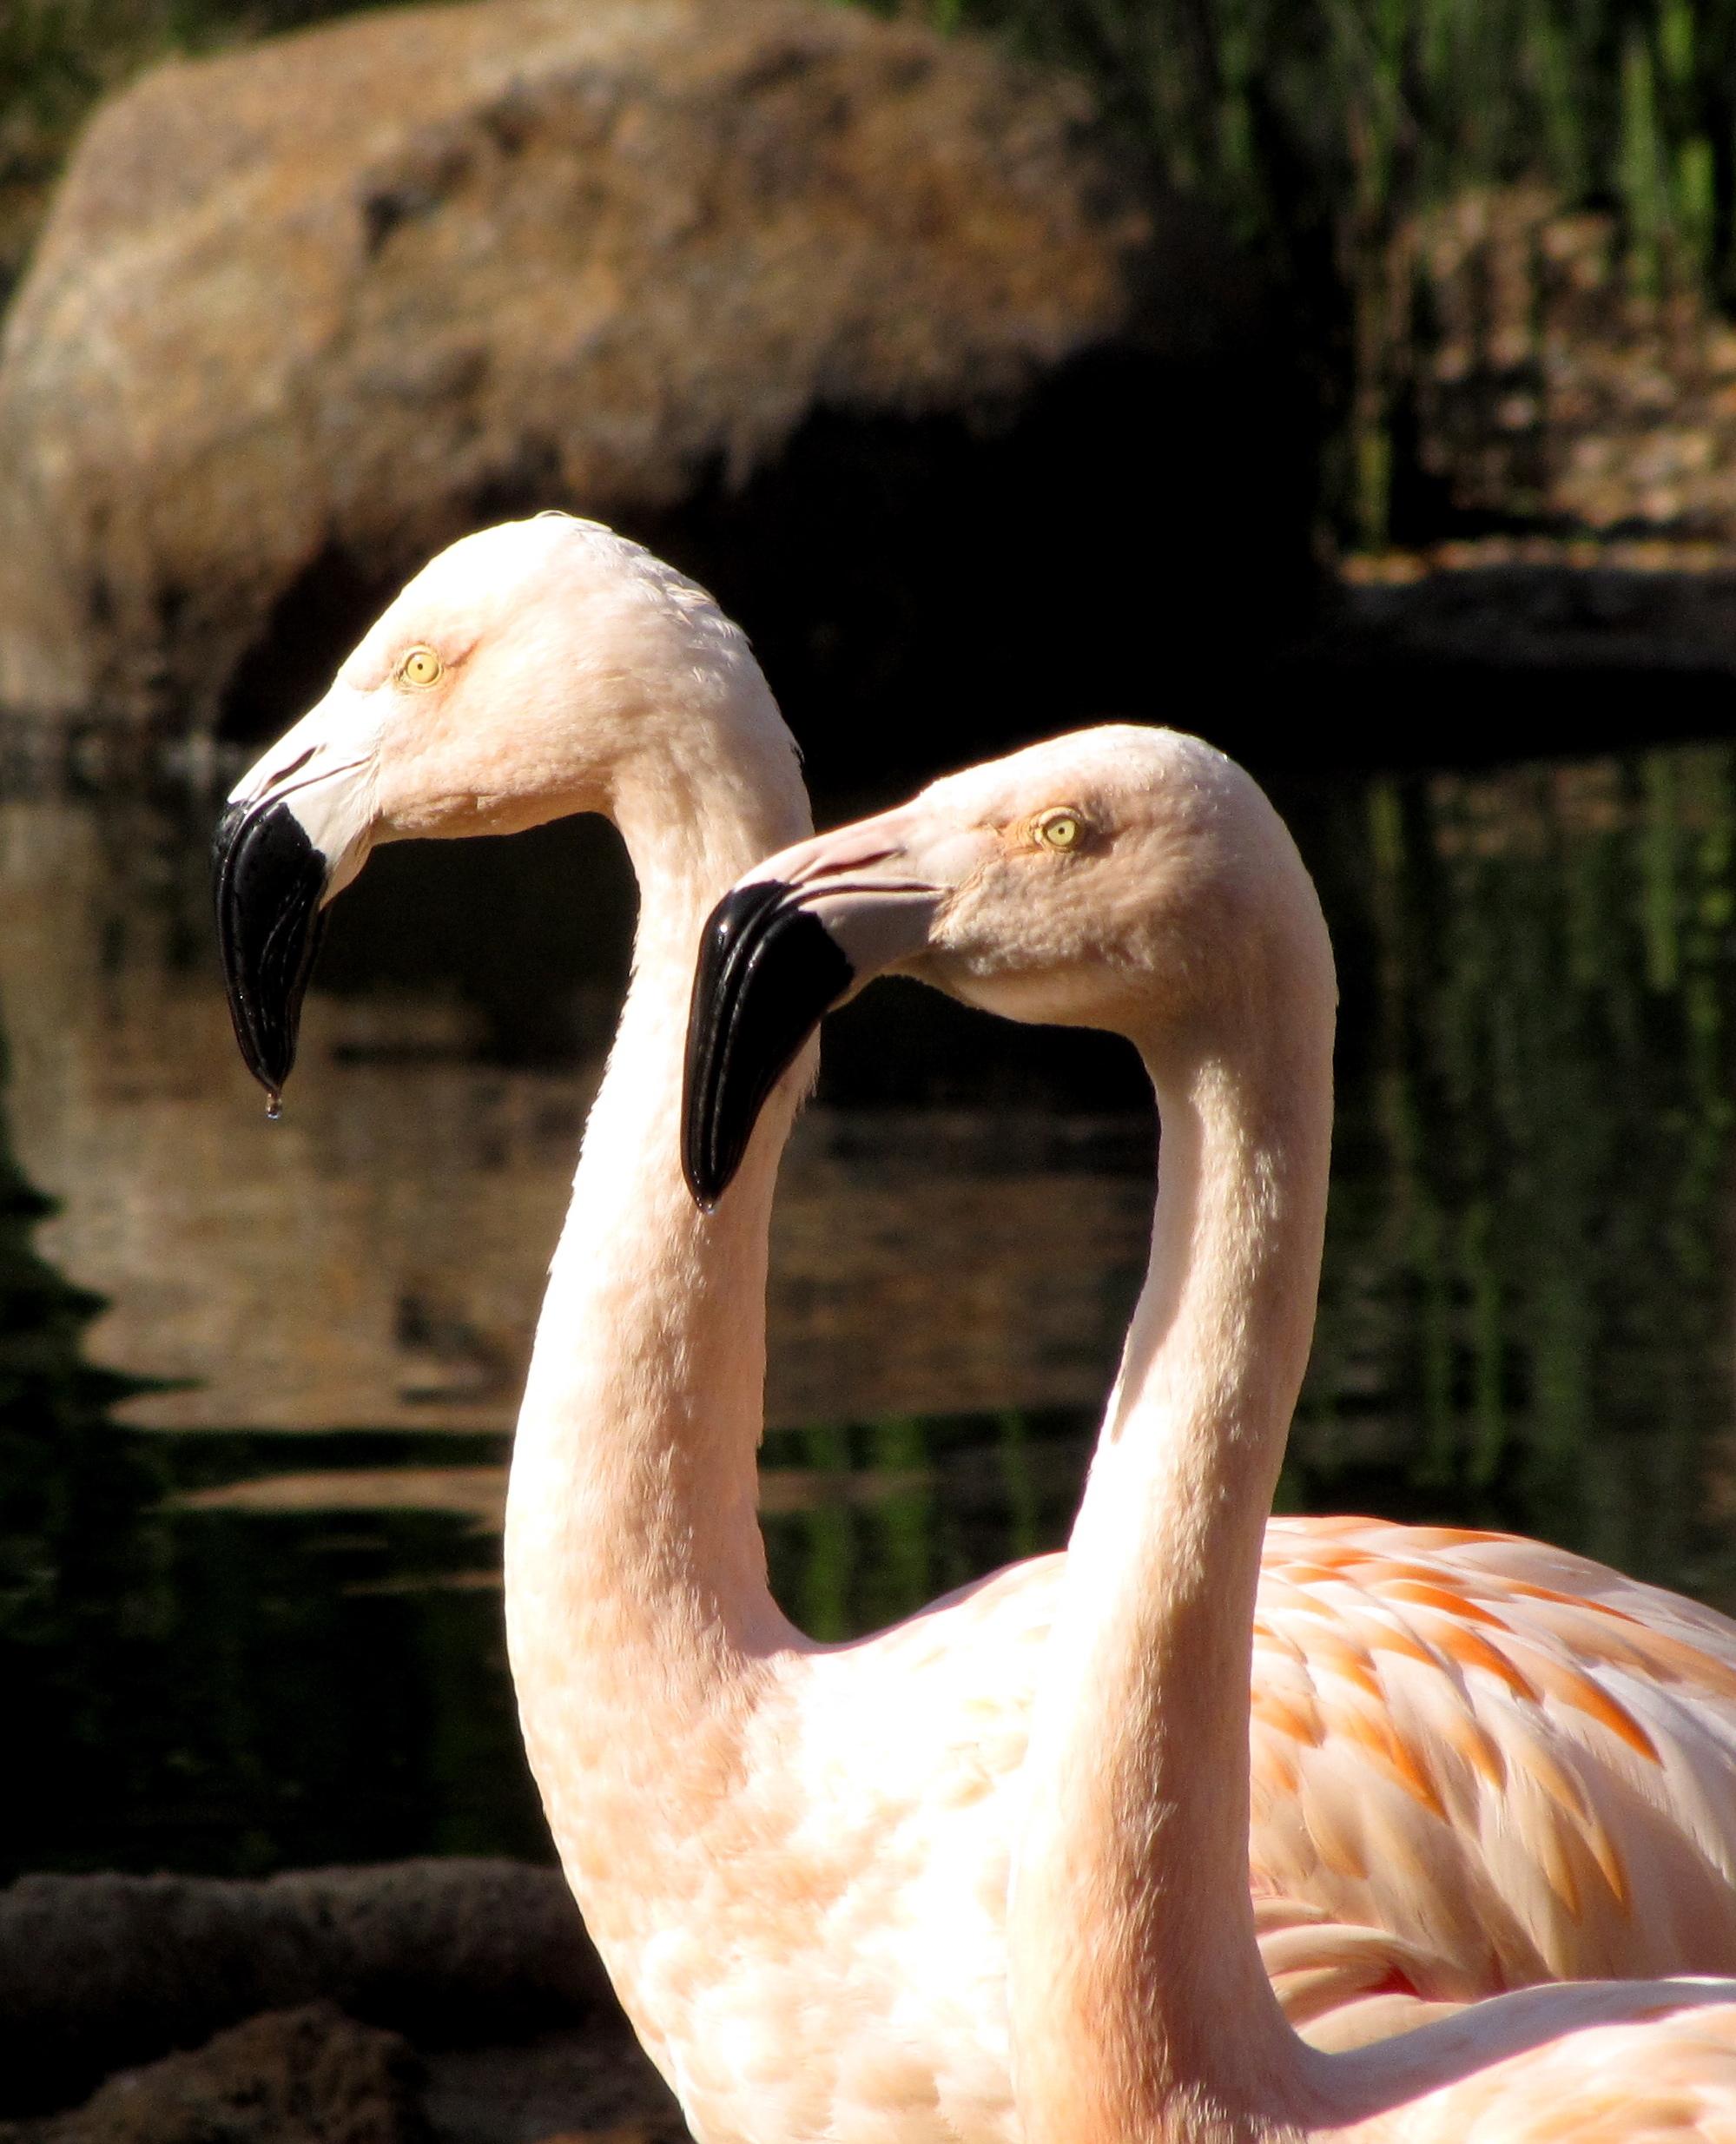 Chliean Flamingo